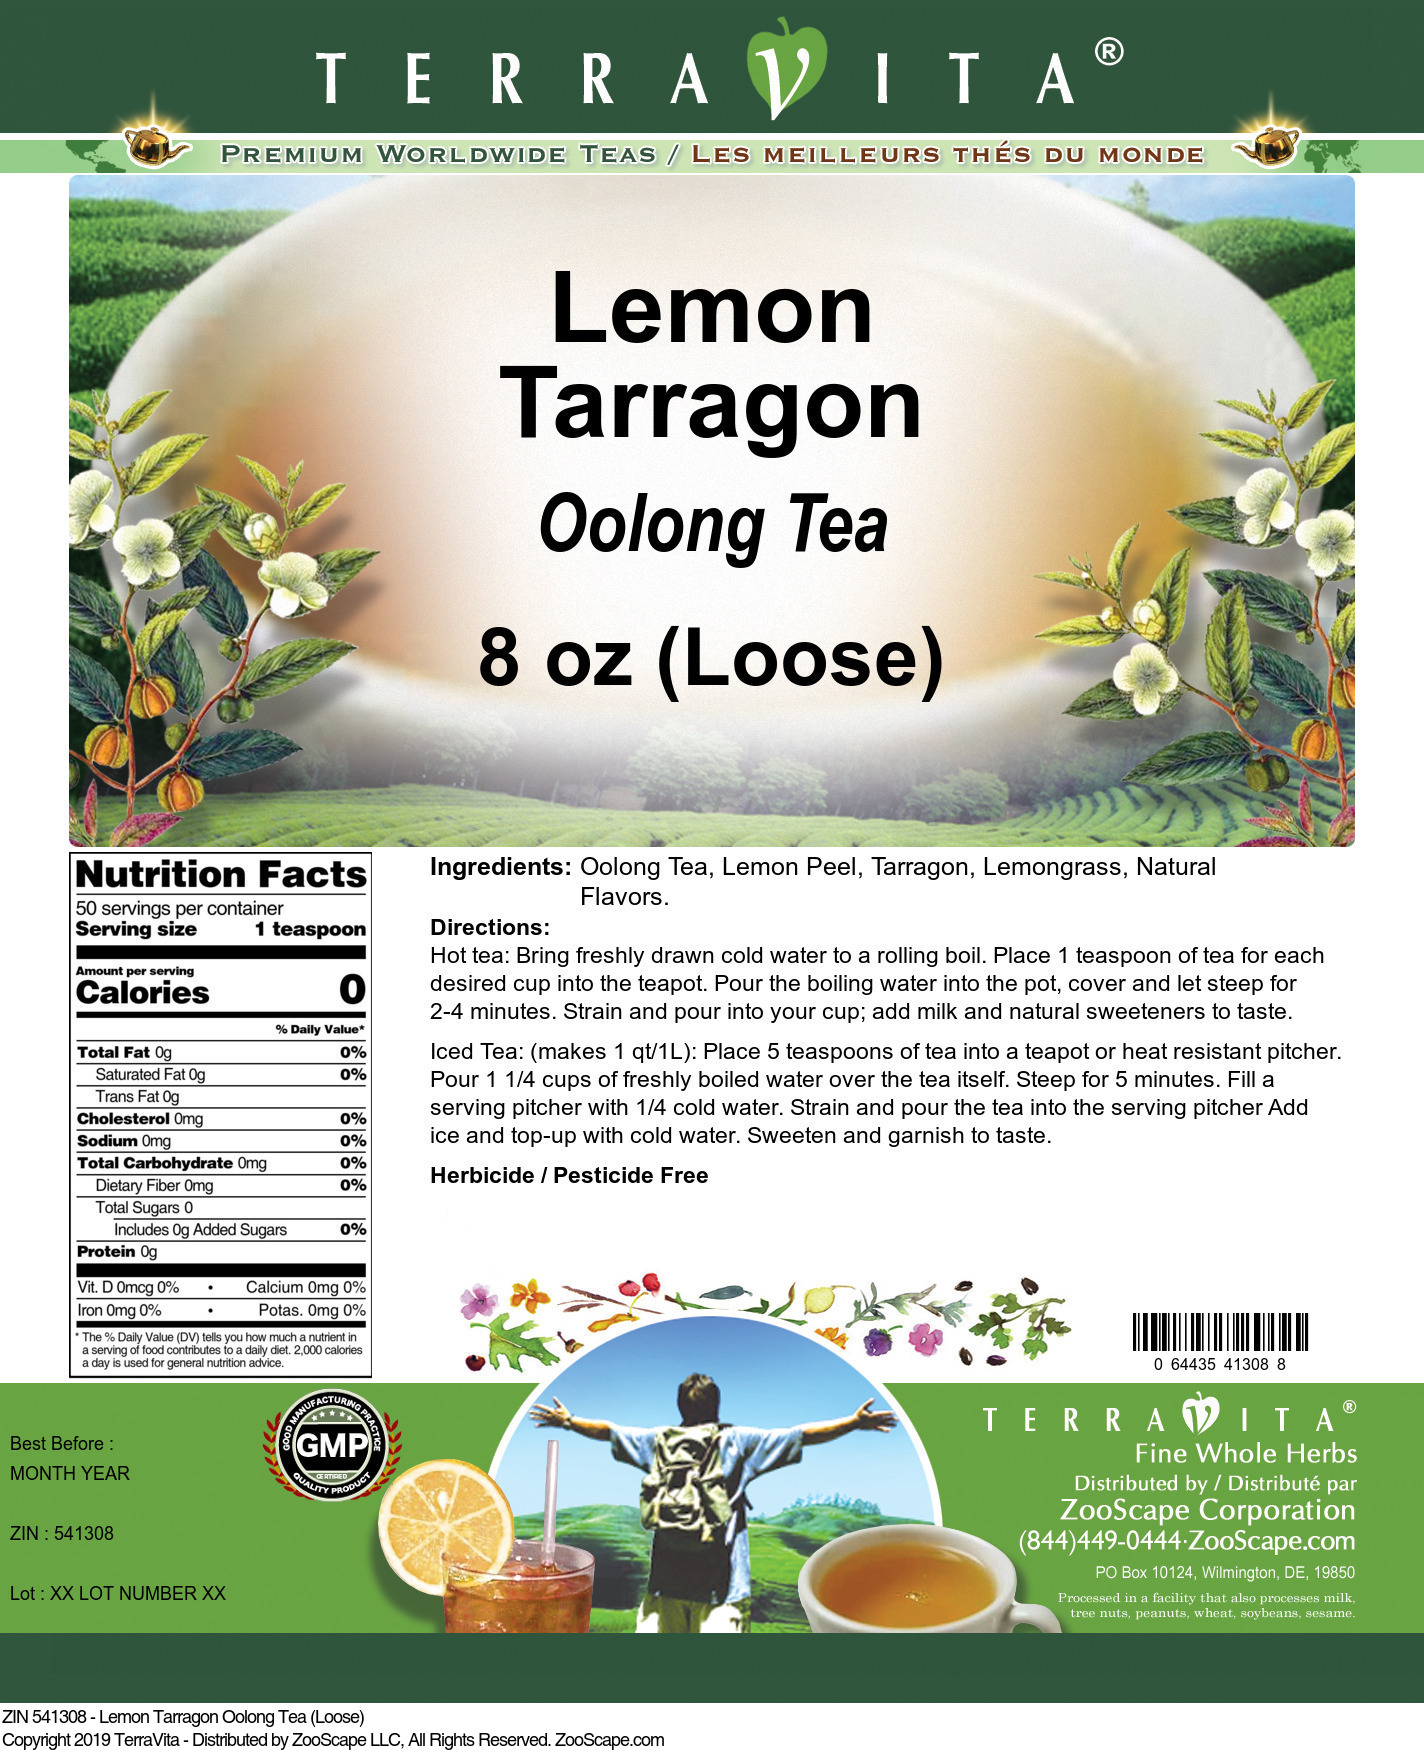 Lemon Tarragon Oolong Tea (Loose)